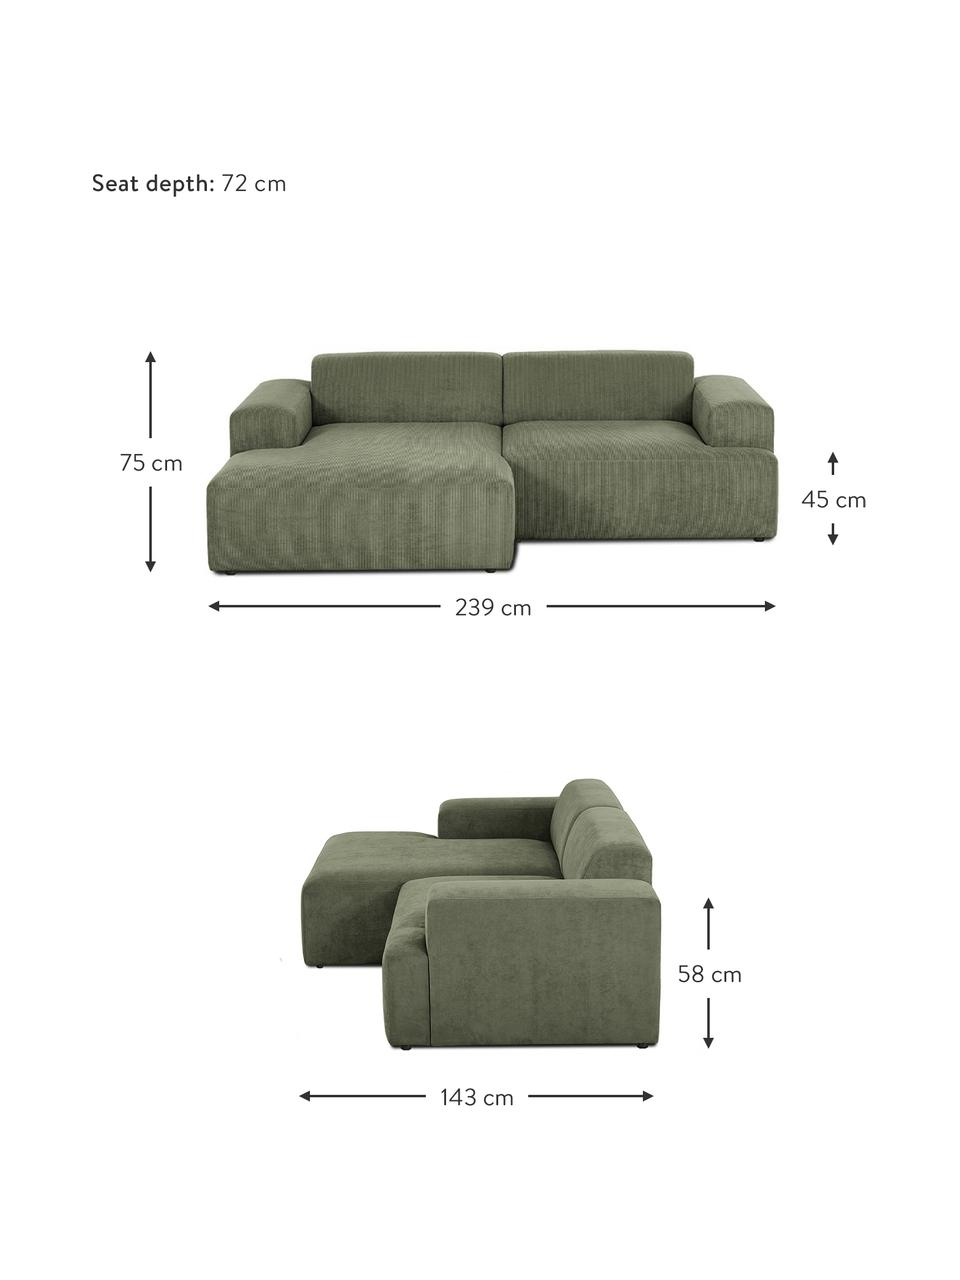 Sofa narożna ze sztruksu Melva (3-osobowa), Tapicerka: sztruks (92% poliester, 8, Stelaż: lite drewno sosnowe, cert, Nogi: tworzywo sztuczne, Sztruksowy zielony, S 239 x G 143 cm